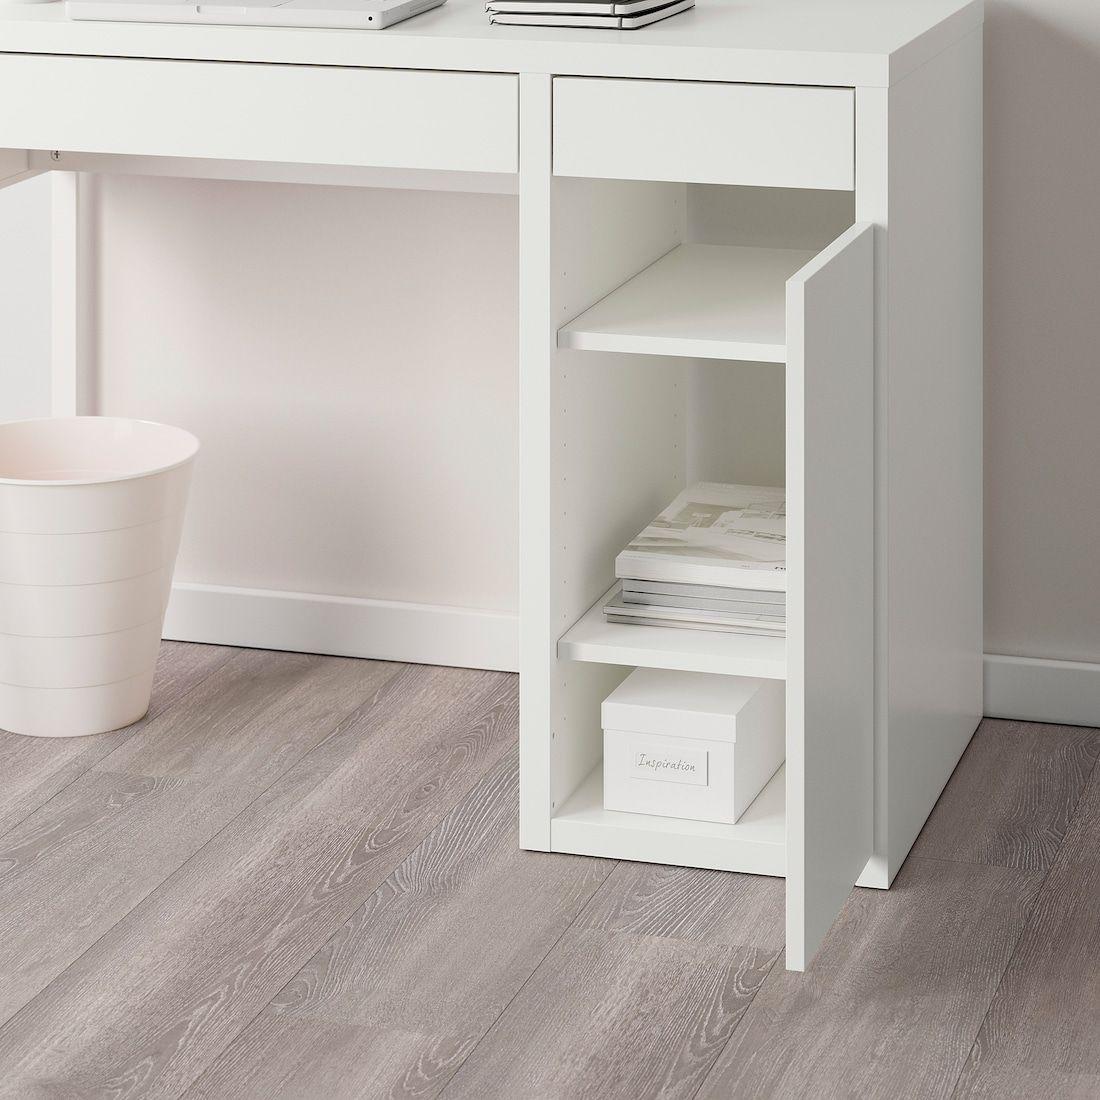 Micke Desk White 41 3 8x19 5 8 Add To Cart Ikea In 2020 Micke Schreibtisch Schreibtisch Fur Schlafzimmer Schreibtisch Weiss